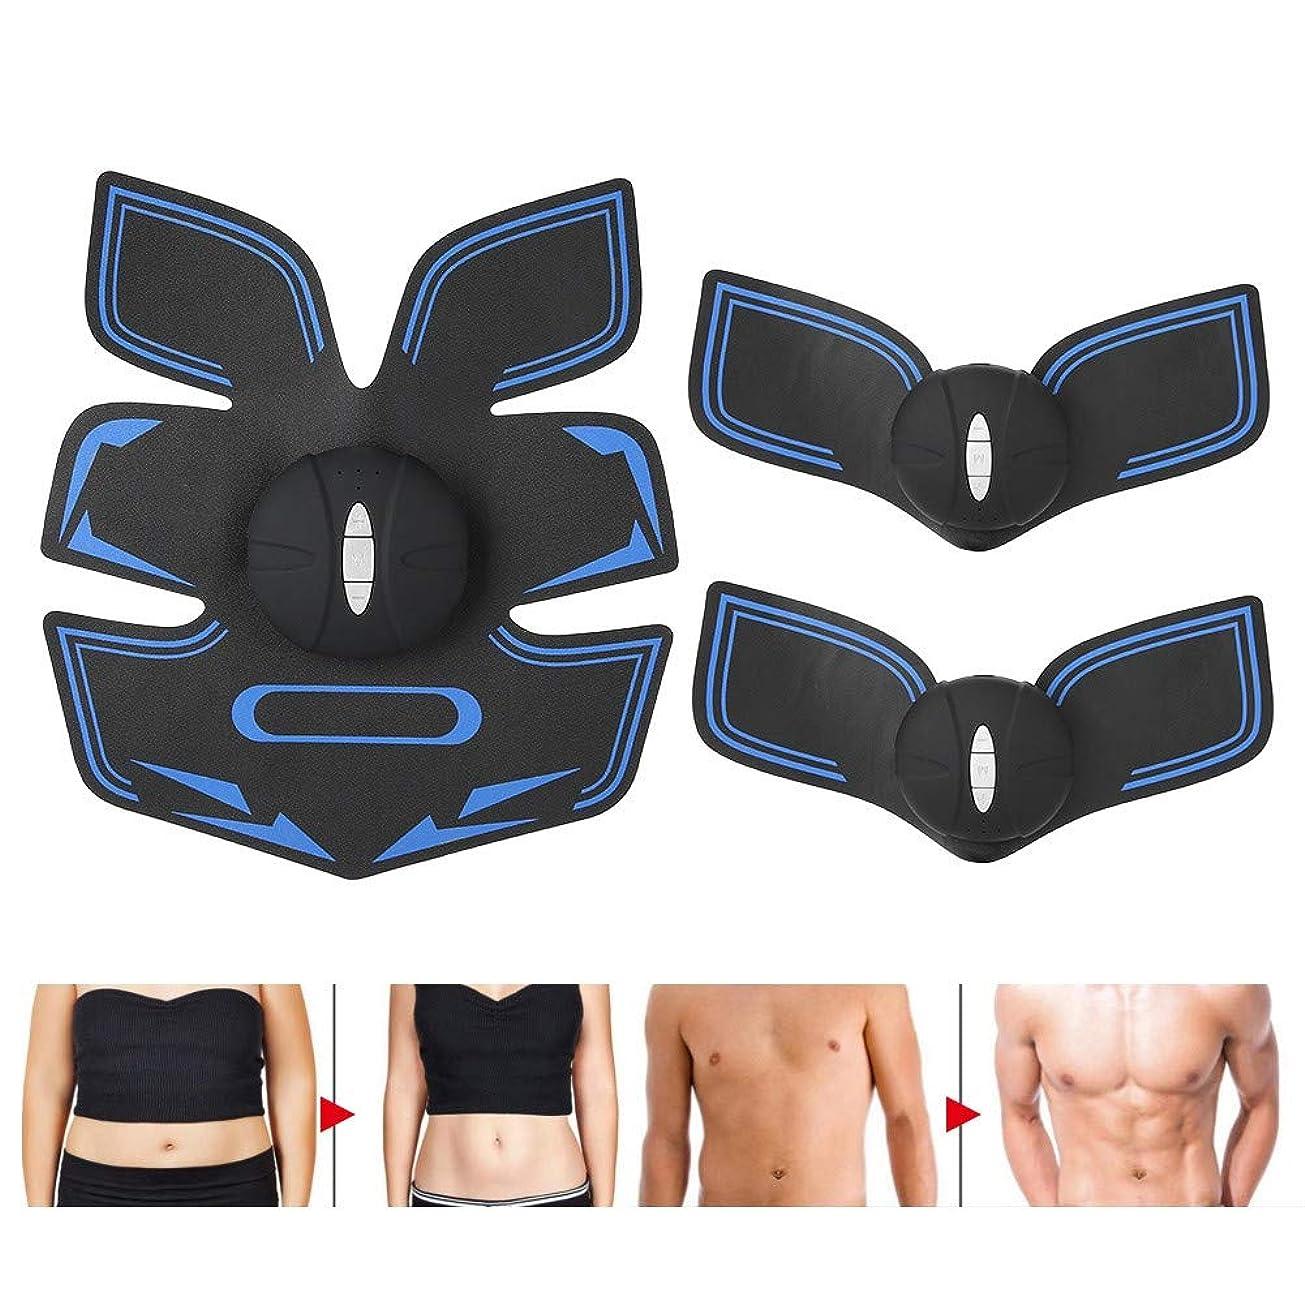 姪違法引き渡す電気腹部筋肉トレーナーemsアーム筋肉トレーナーSlim身ボディシェーピングマシン脂肪燃焼フィットネス筋肉刺激装置